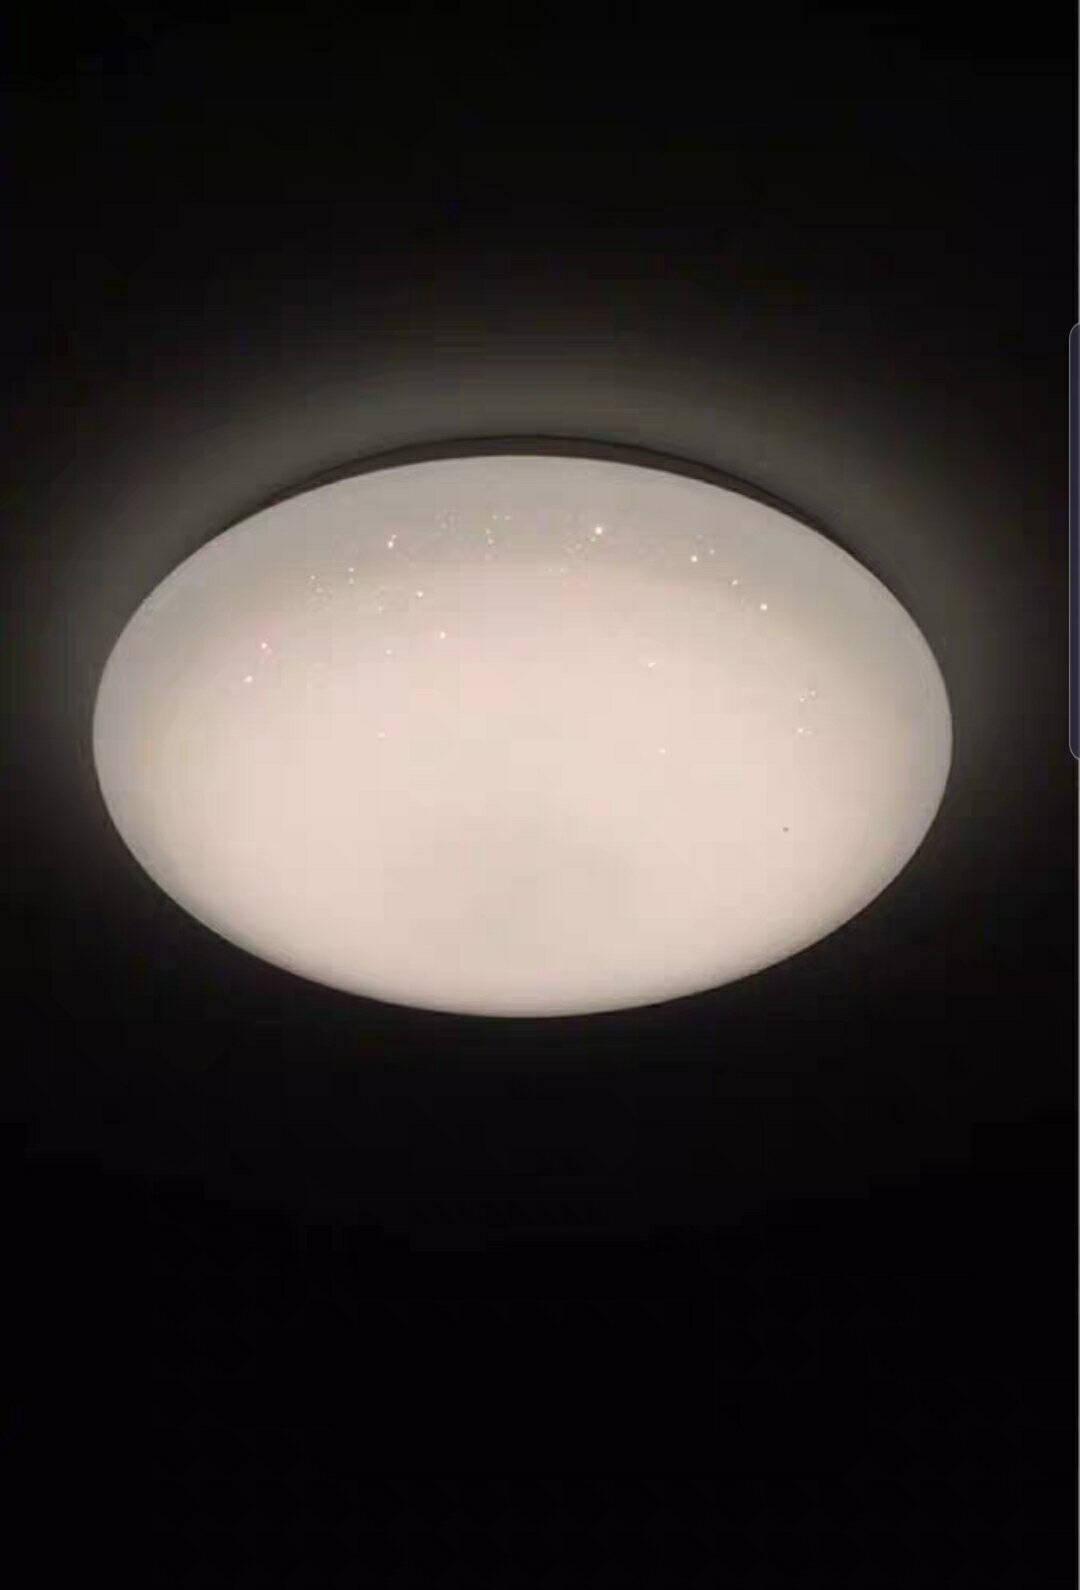 达伦吸顶灯客厅大厅灯具智能led现代简约长方形照明灯饰家用办公室面板灯HUAWEIHiLink生态产品